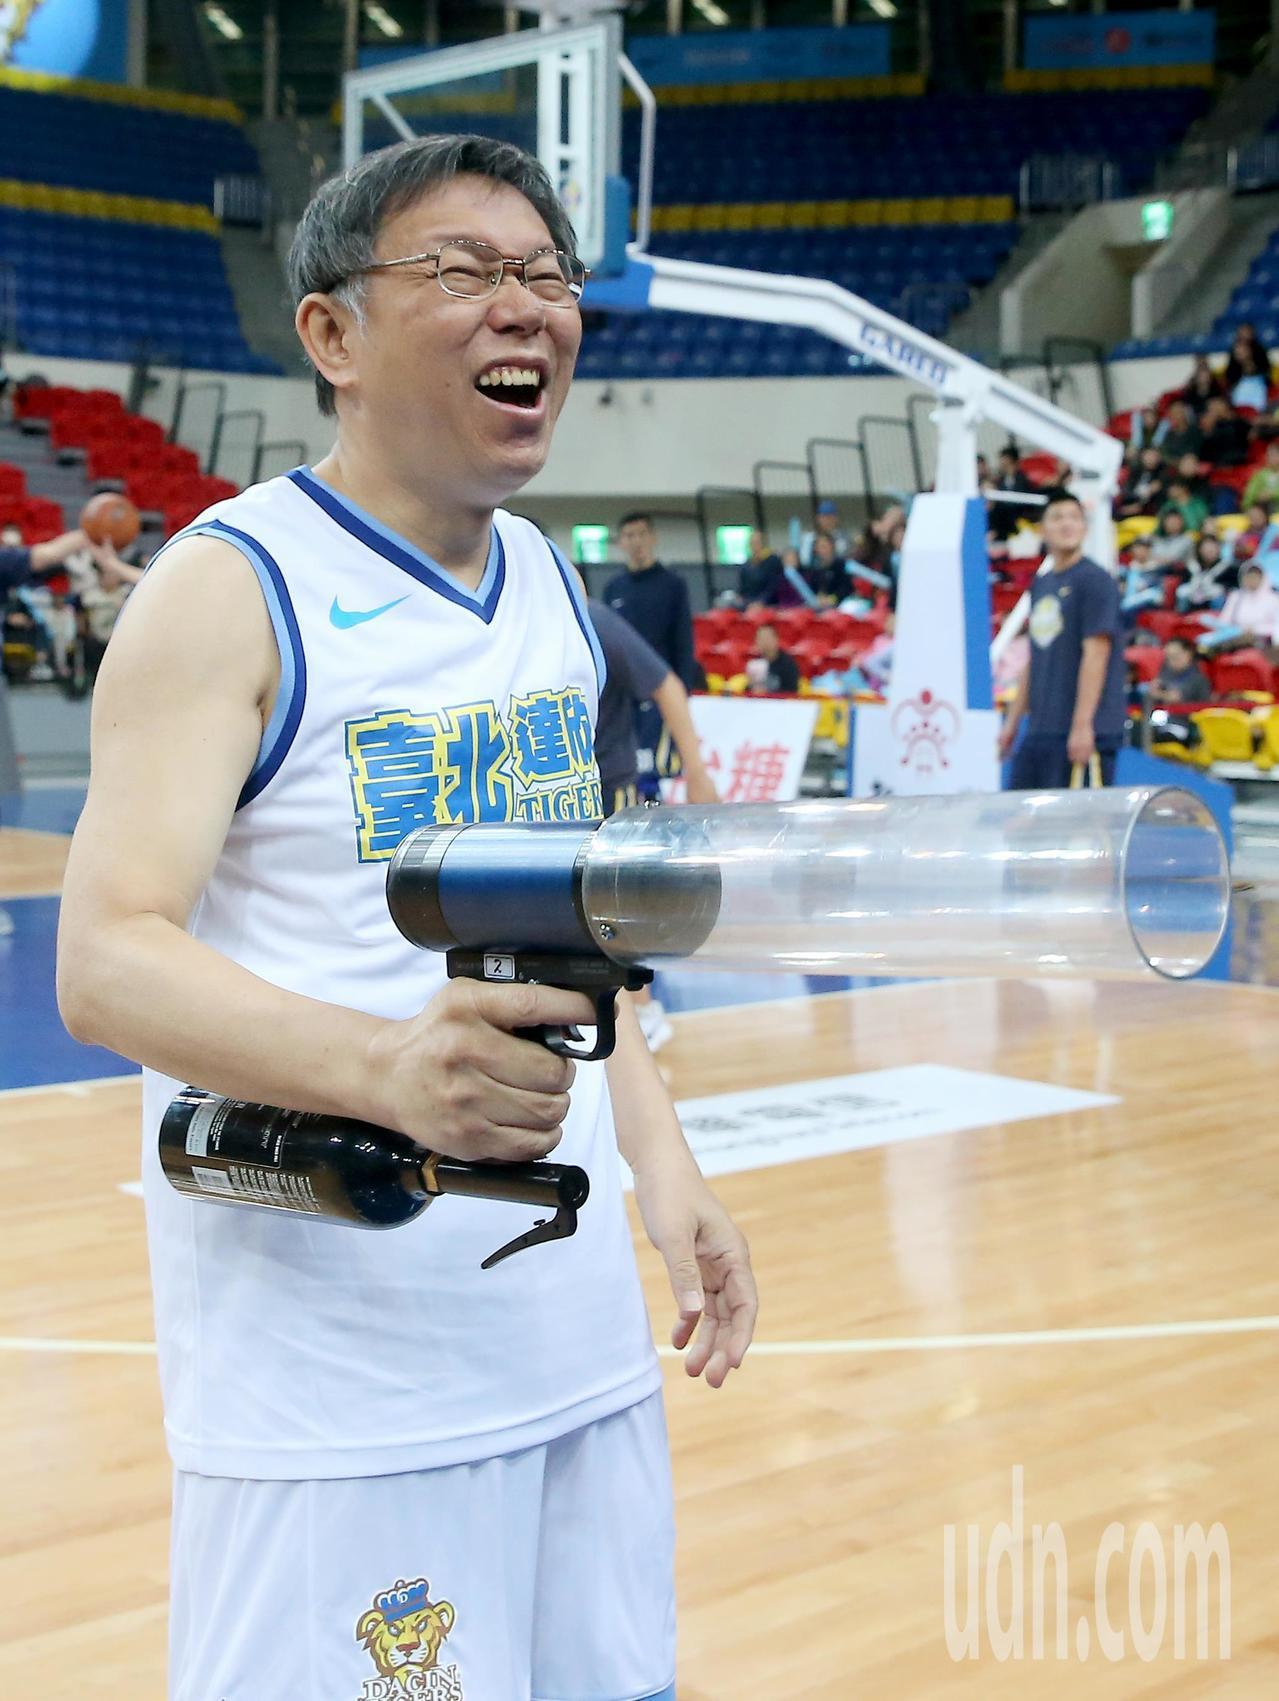 台北市長柯文哲為SBL達欣與金酒之戰開球,賽前並用氣槍發送禮物給球迷。記者余承翰...